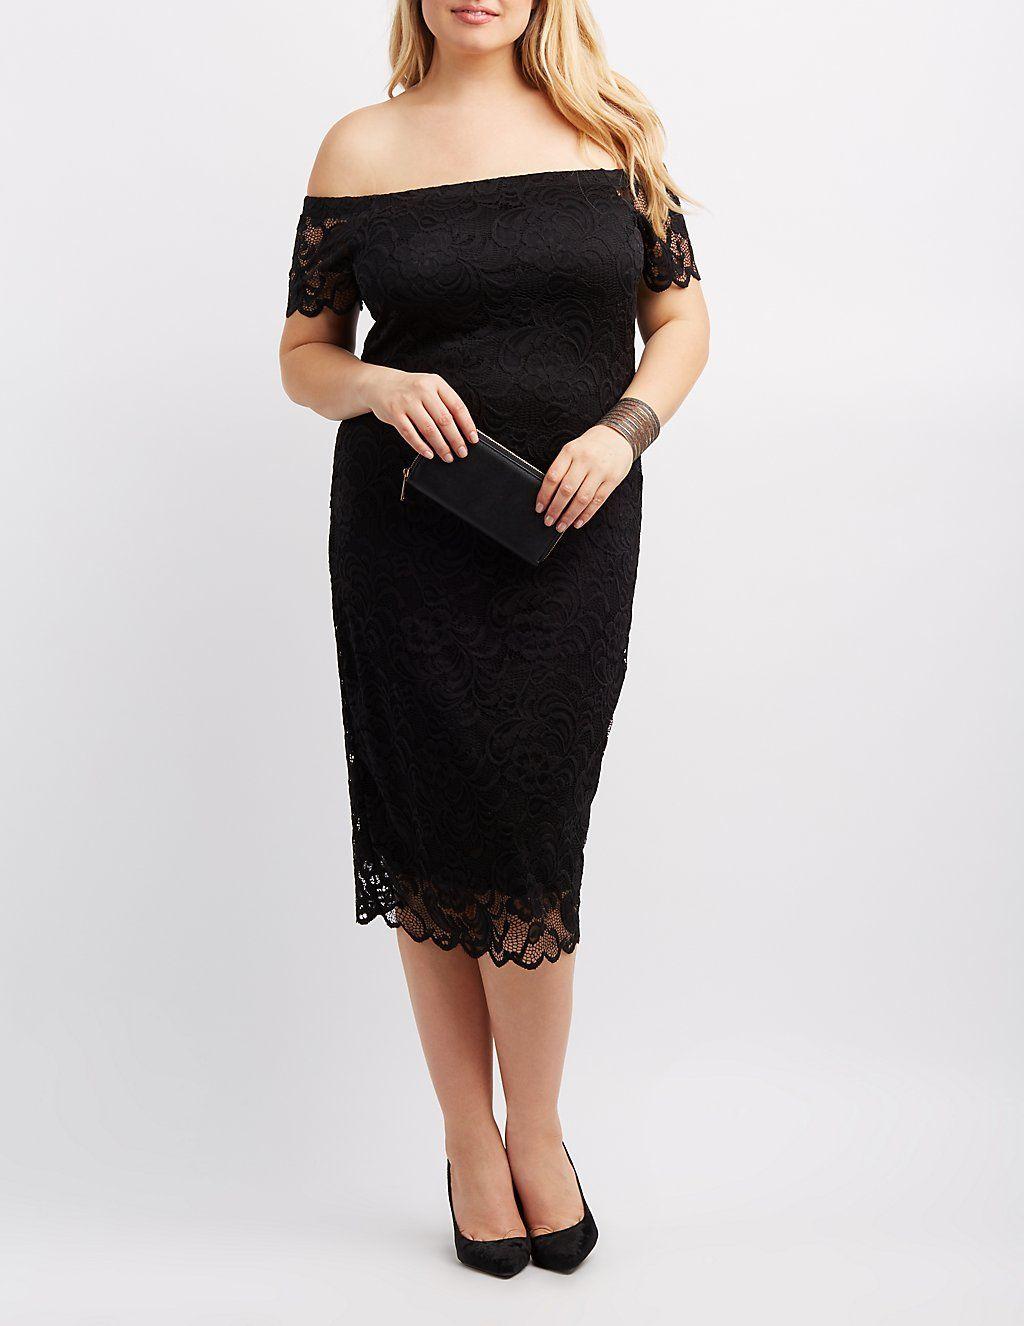 Große Größen Schöne Kleider Abendmode Kurzes | Sexy und Schöne ...